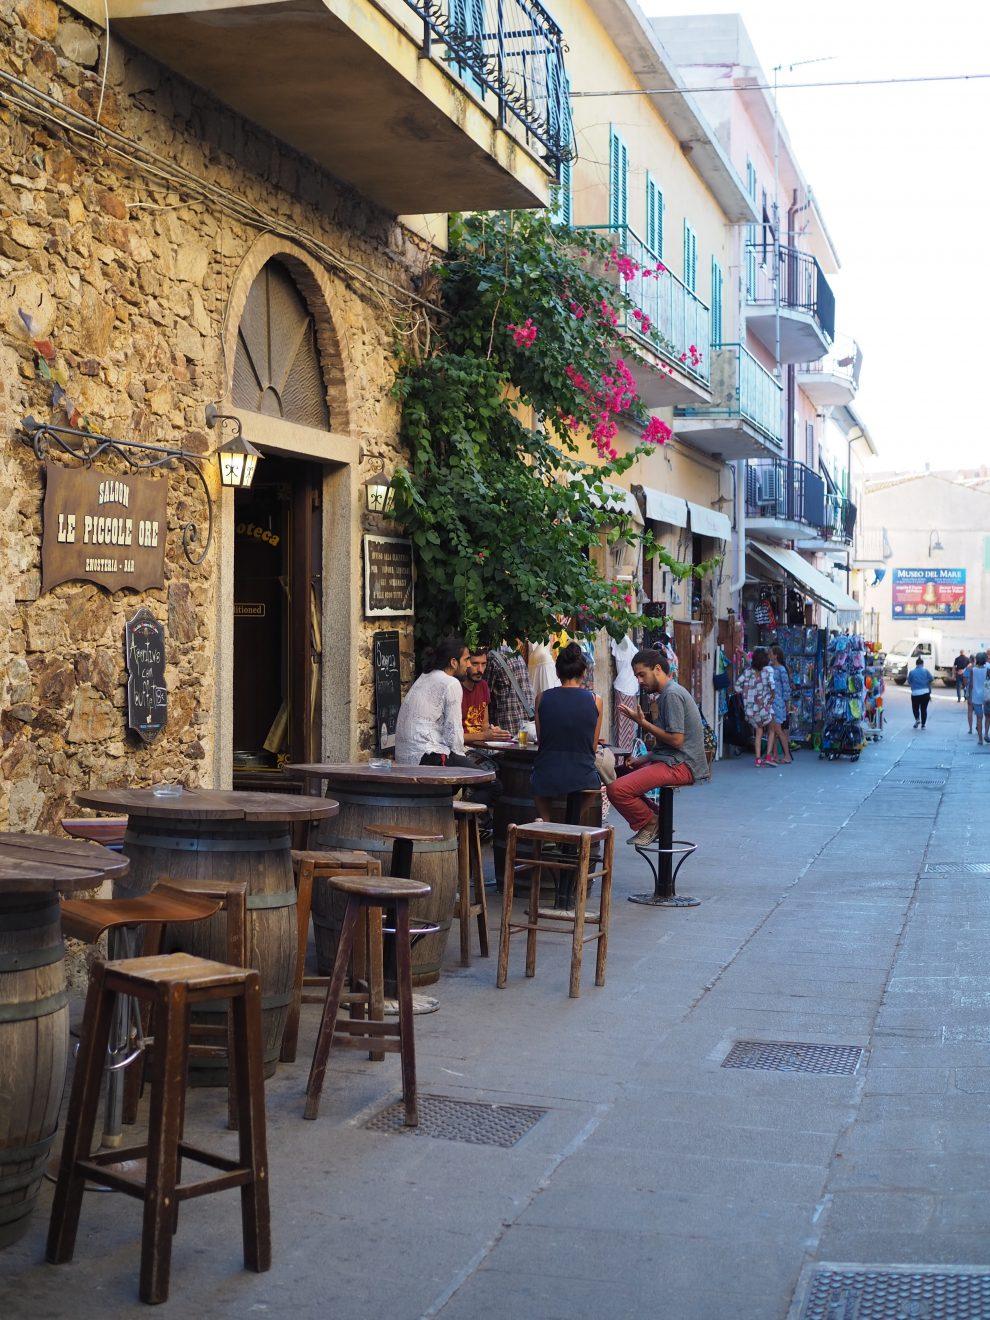 Vakantie opElba - Capoliveri;het leukste dorp van Elba - restaurants op Elba Saloon Le Piccole Ore